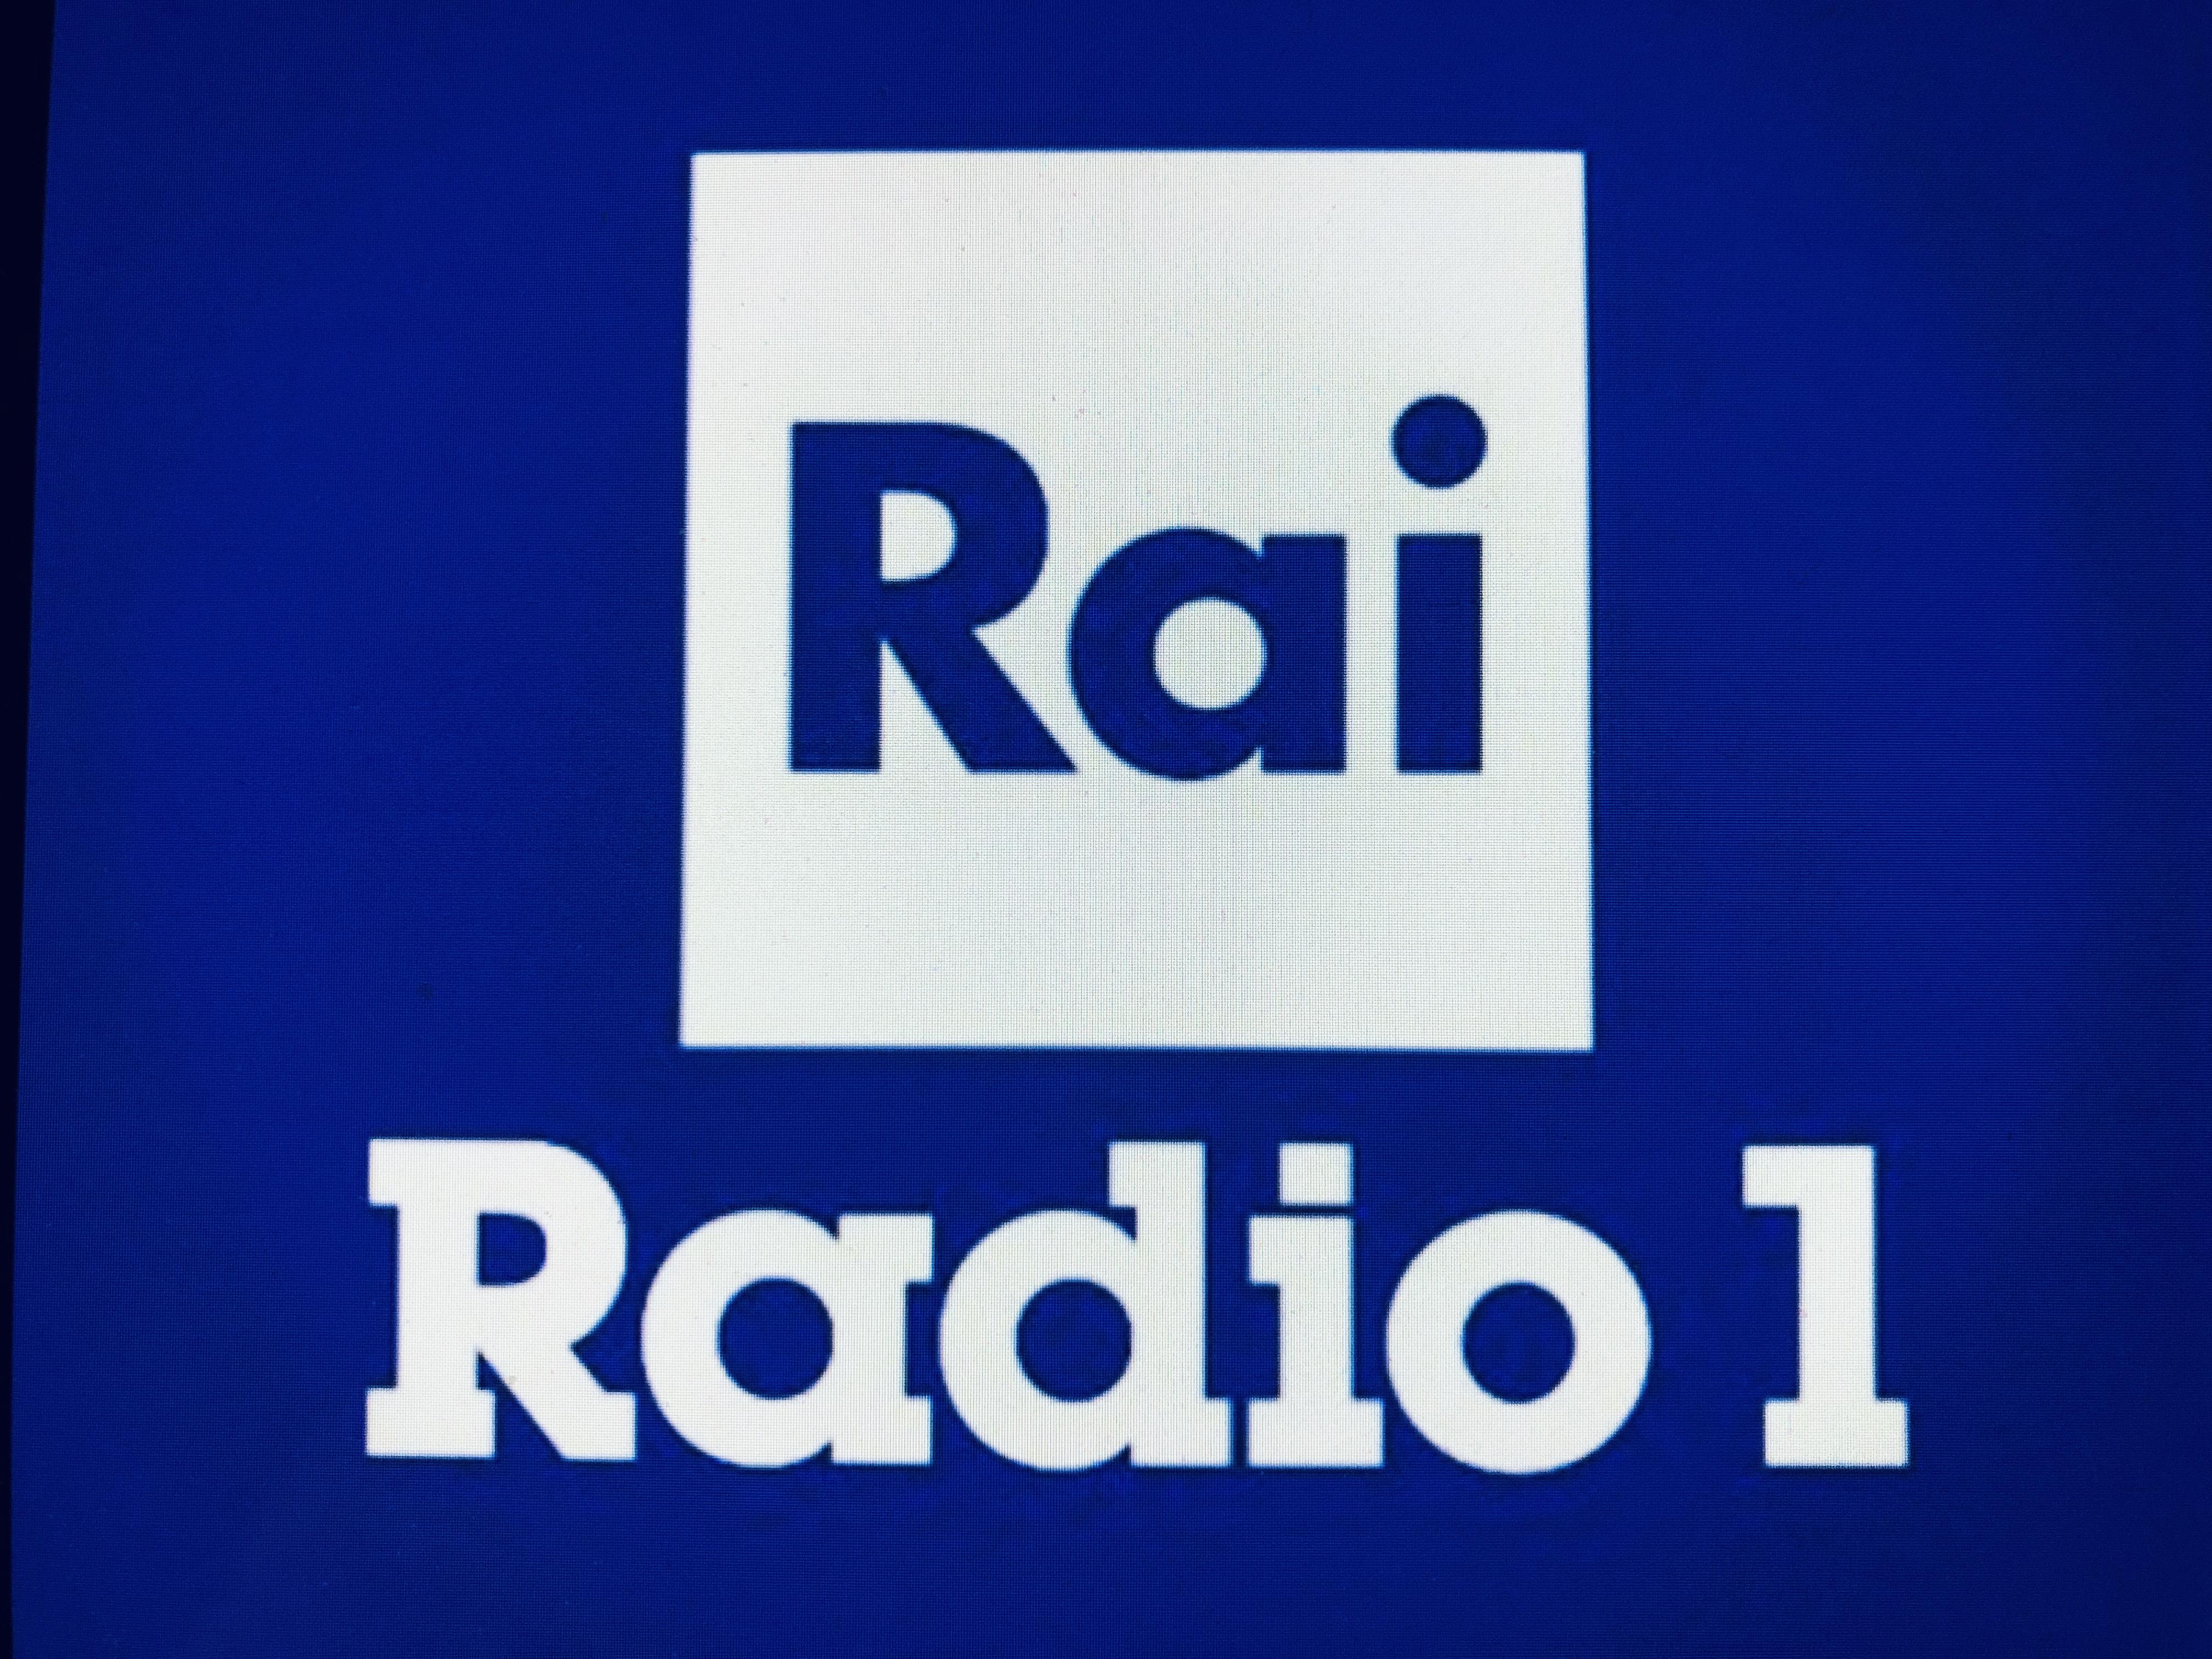 AUTO E AMBIENTE SU RAI RADIO 1 SABATO MATTINA ALLE 11,35